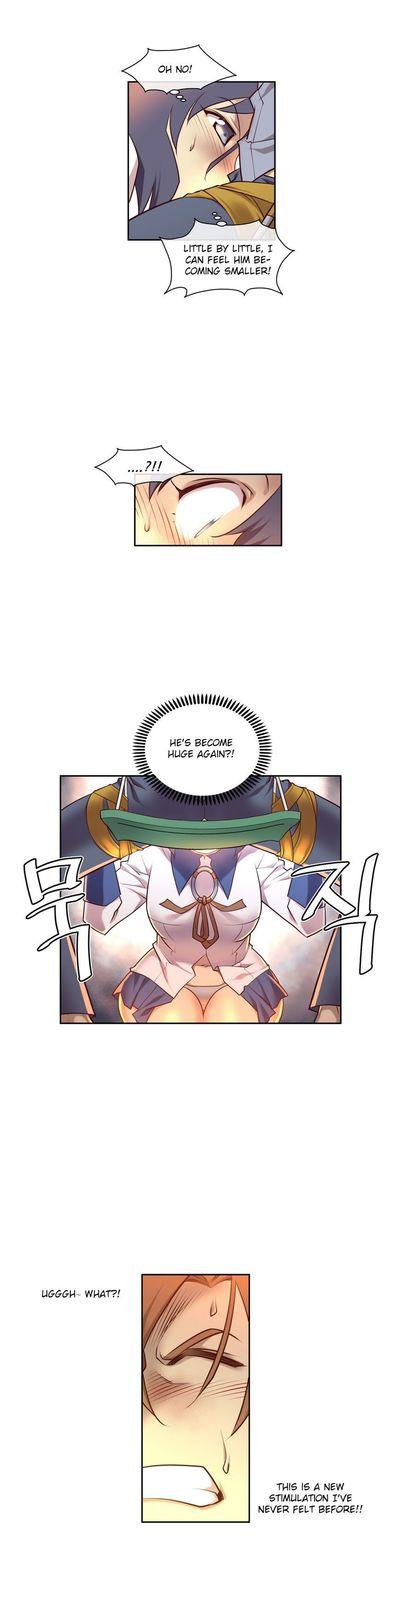 figlio heejoon Master in il mio sogni Ch continua - parte 8